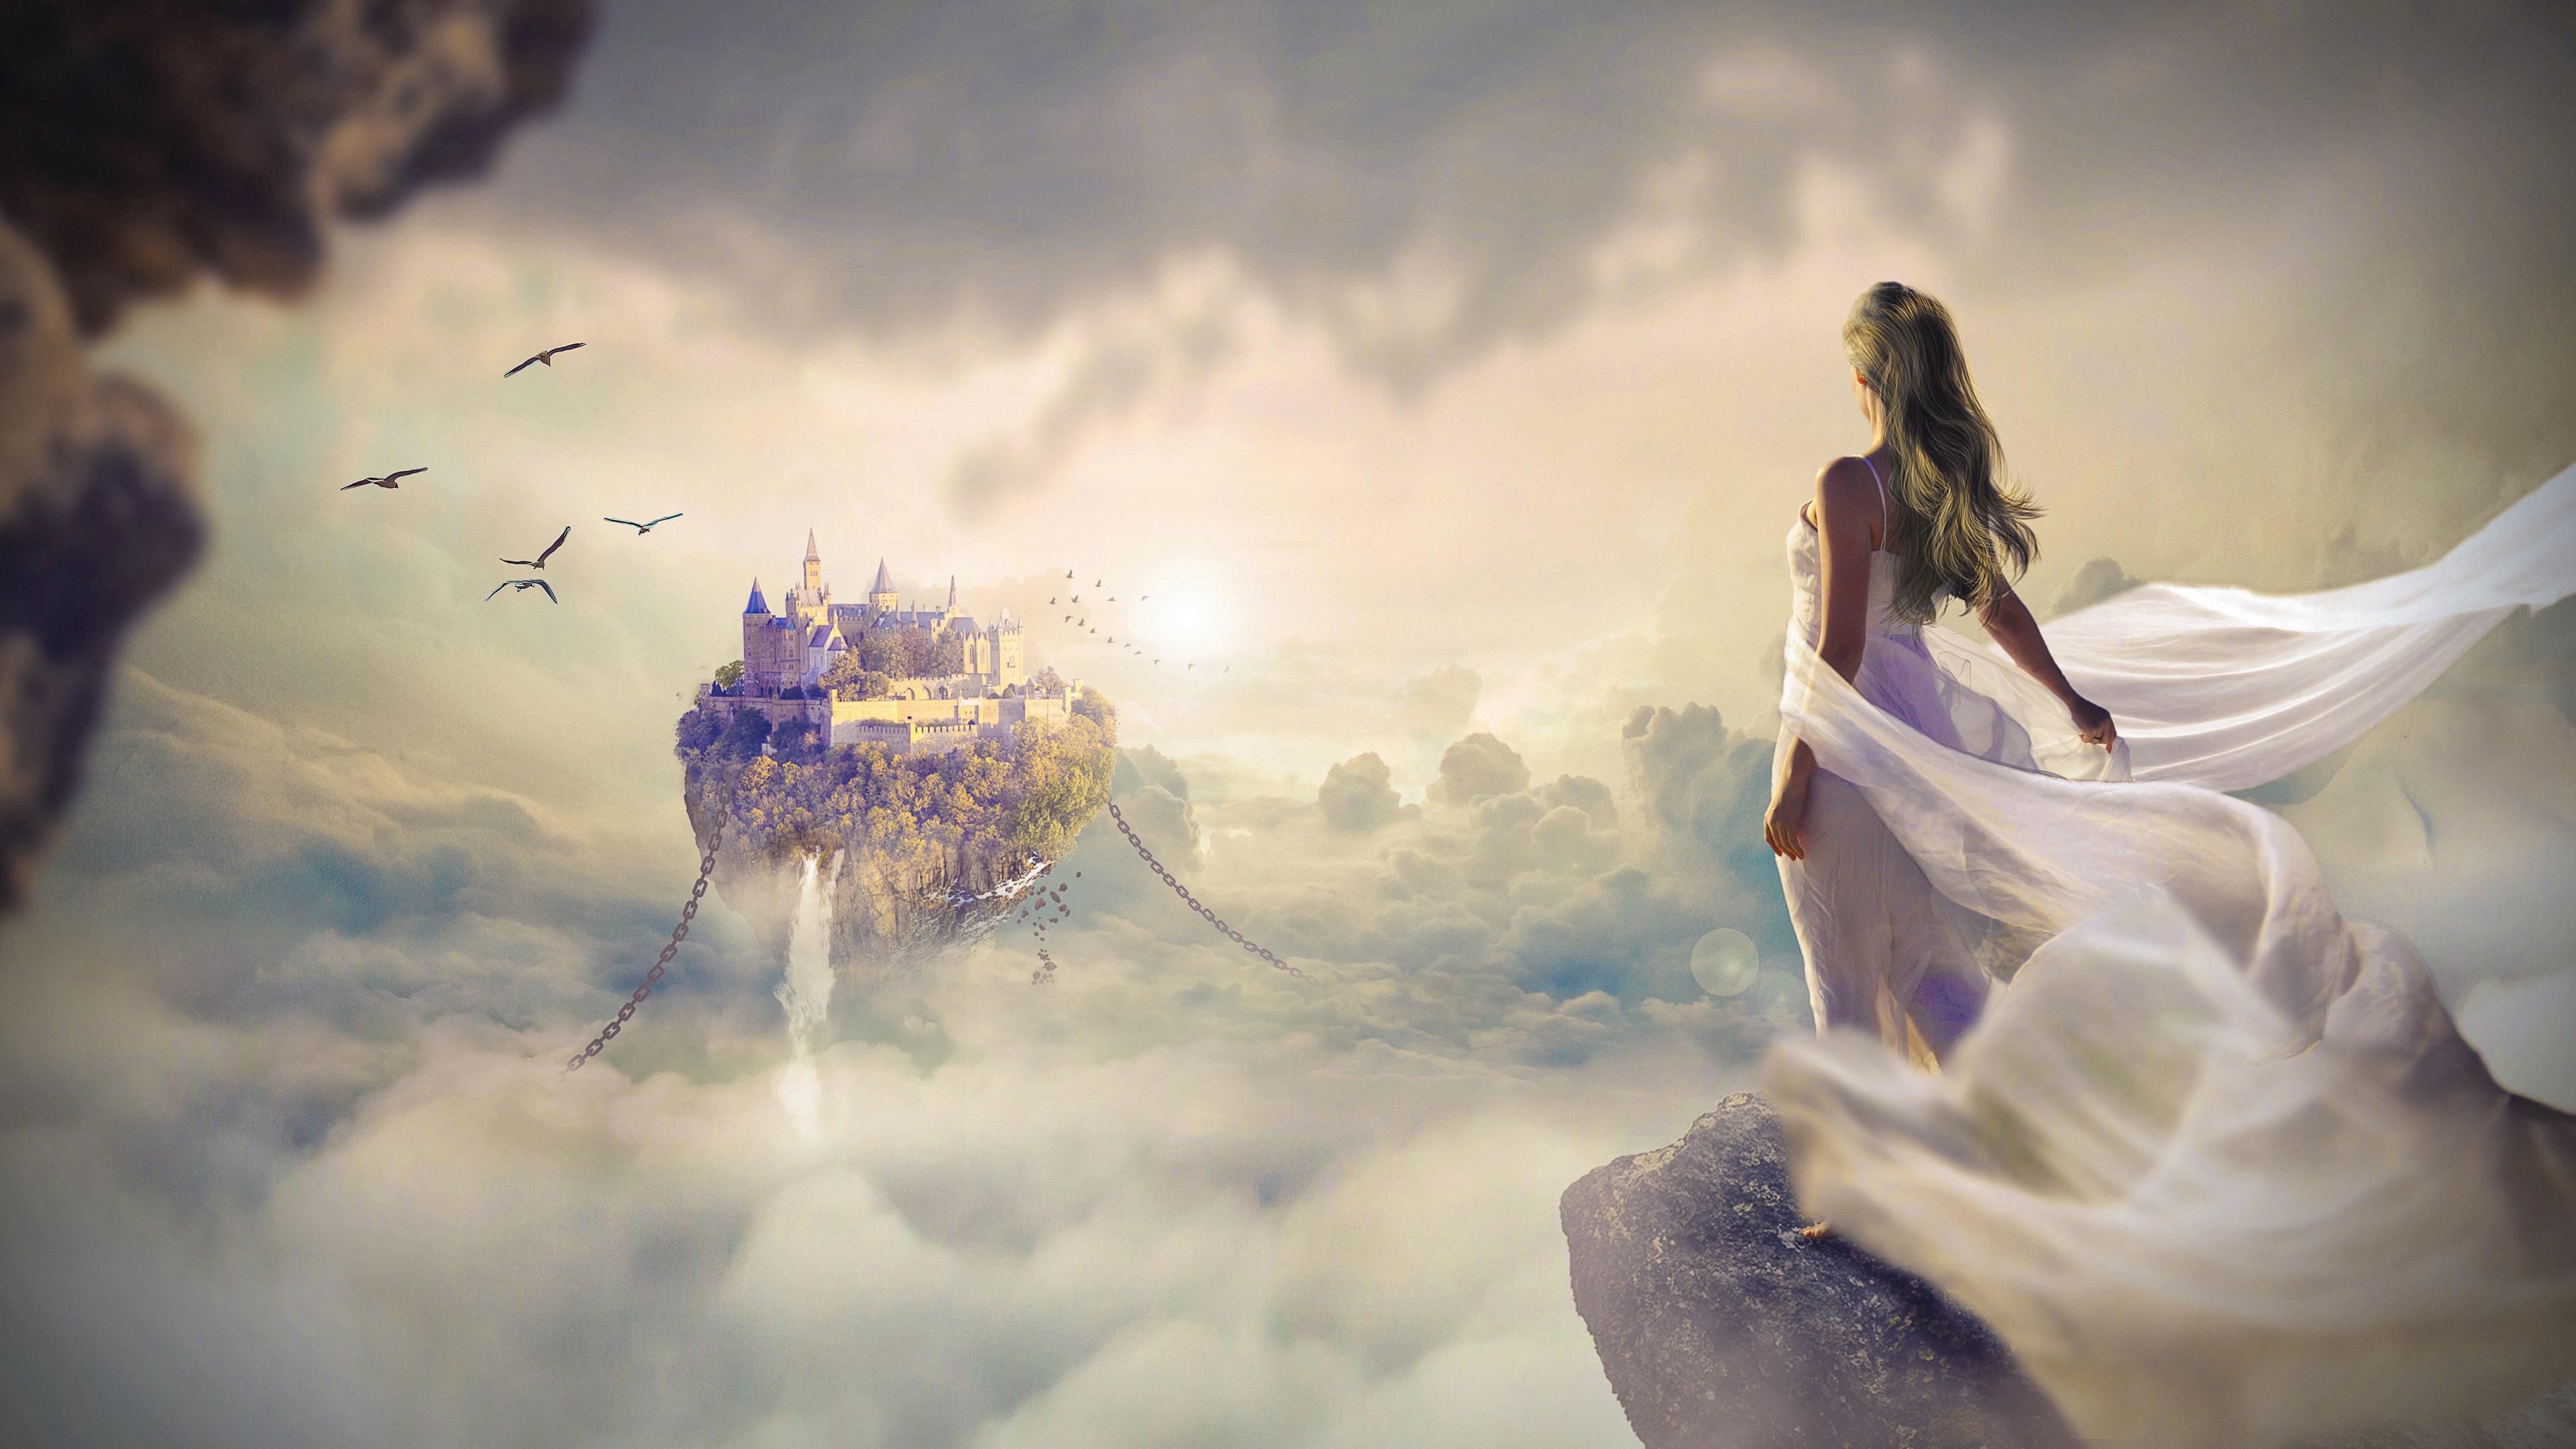 Замок мечты в облаках